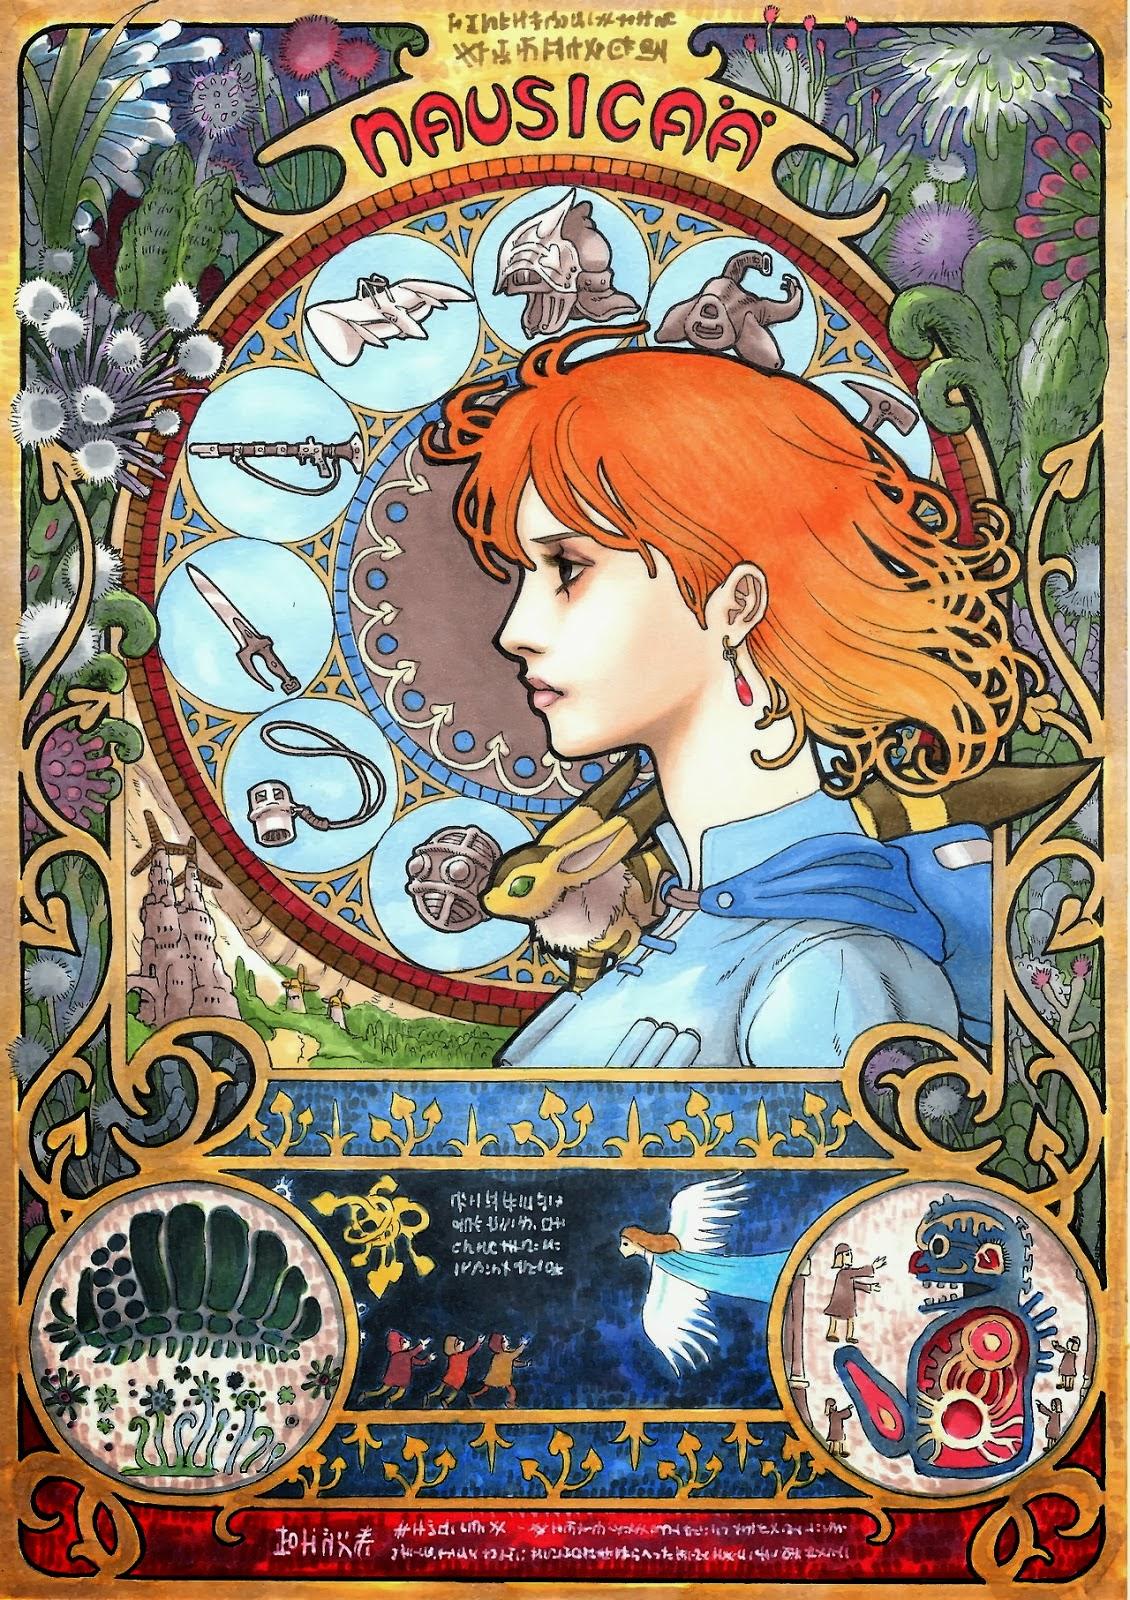 Art Nouveau Studio Ghibli Poster Designs 9119f62f0d